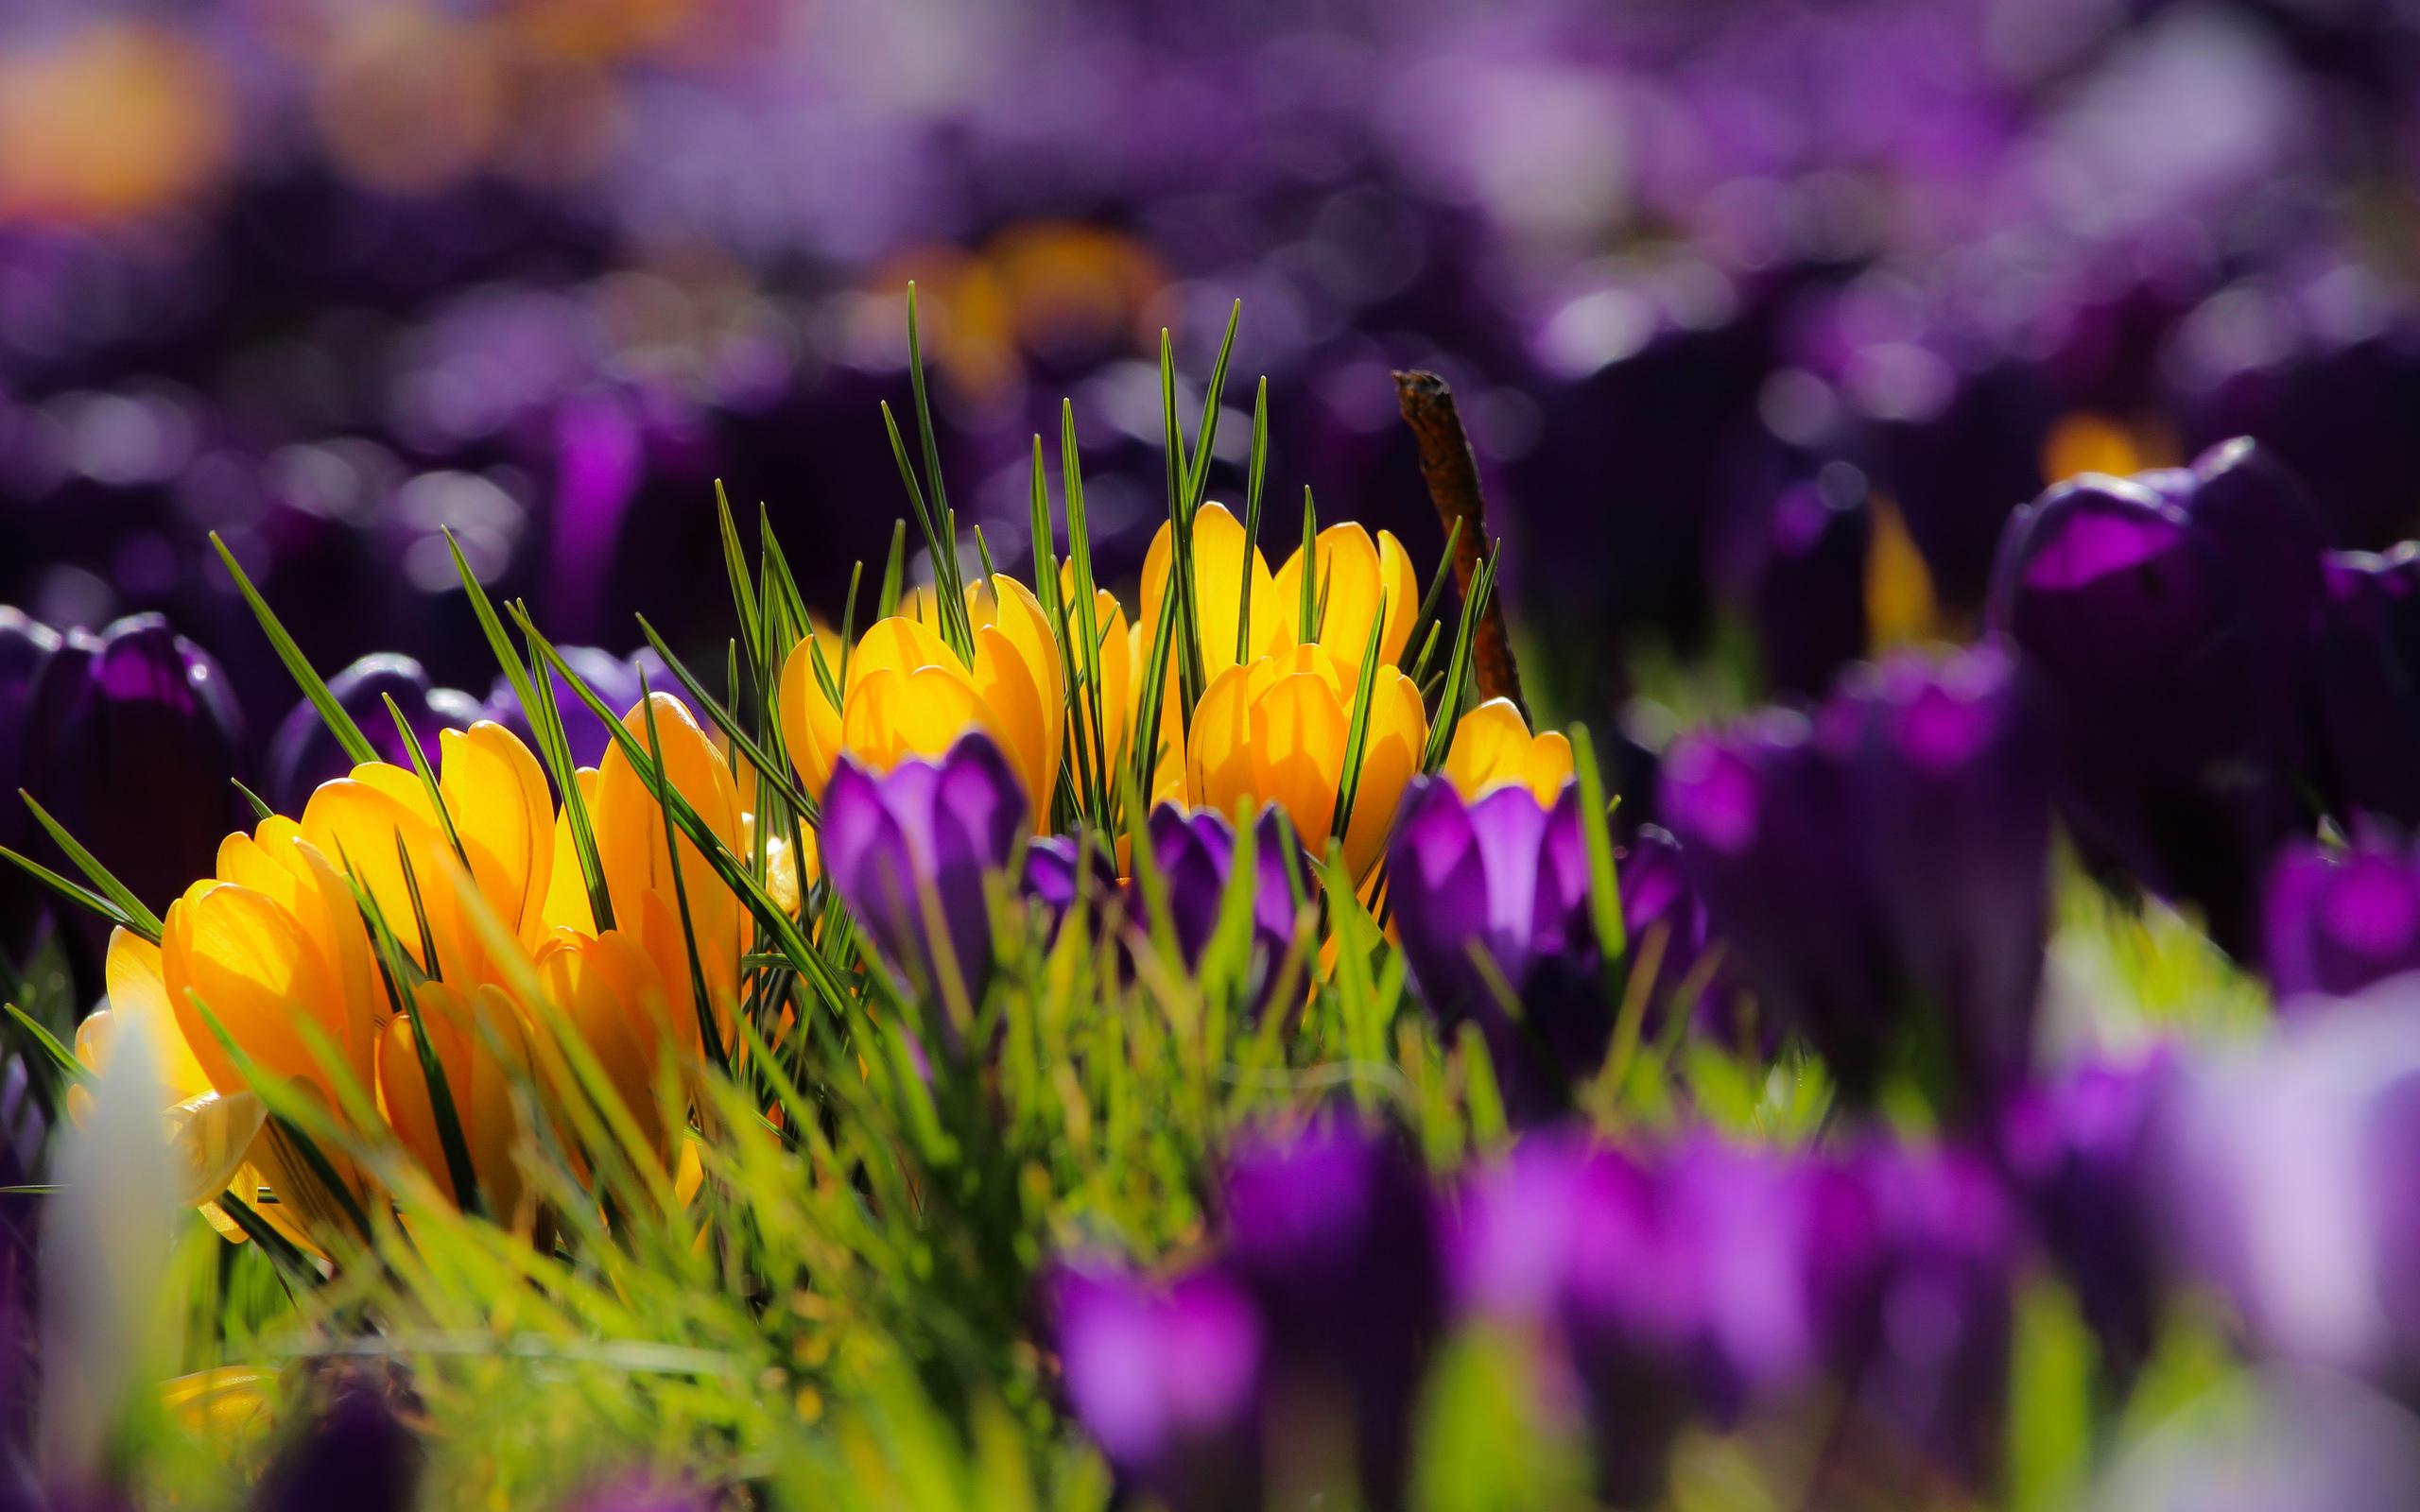 Картинки Весна обои весна на рабочий стол  4я страница